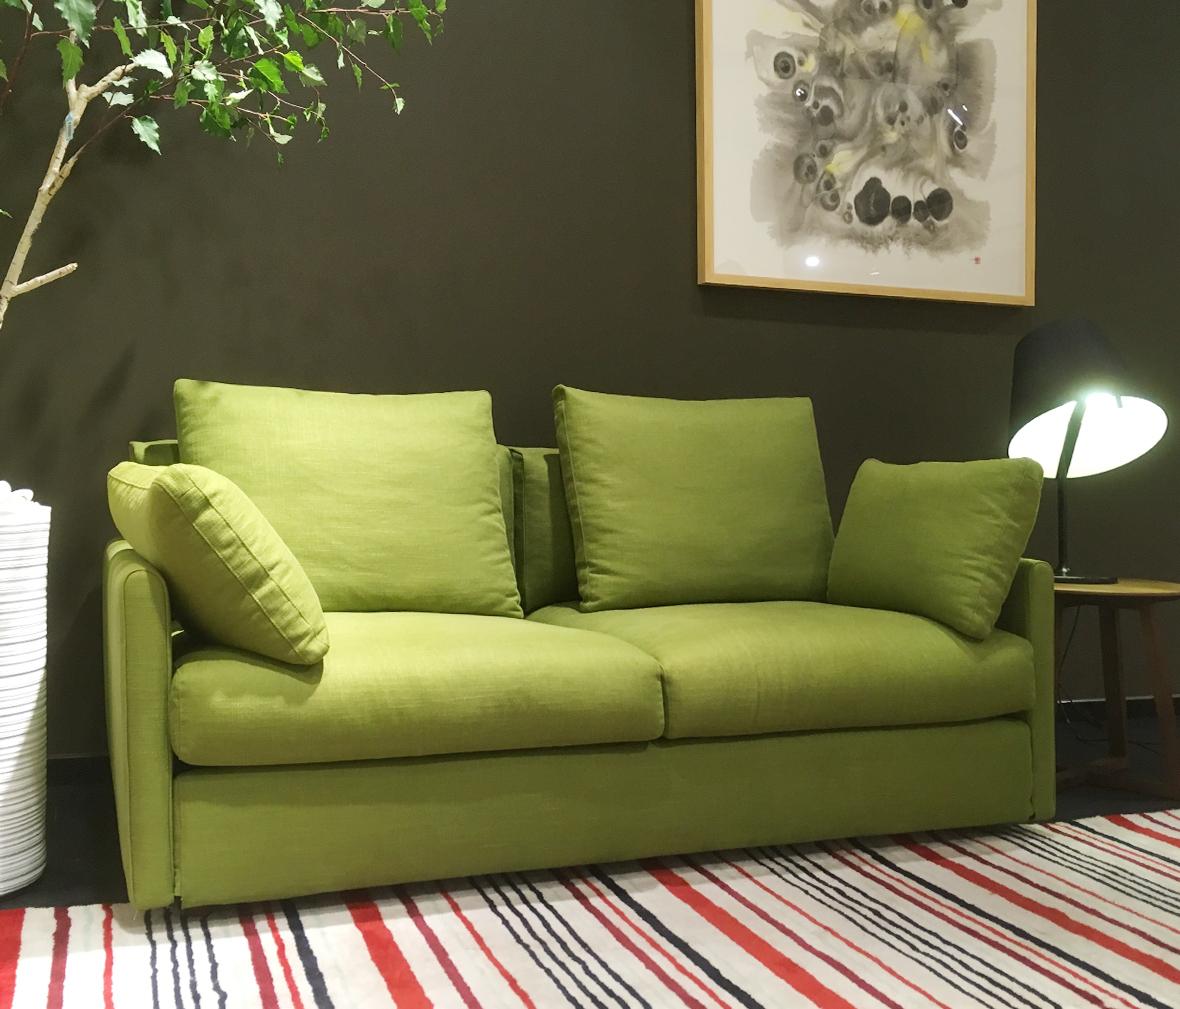 0  克莱恩家具 bd-r1037型号现代简约黄色布艺定型海绵一人位沙发